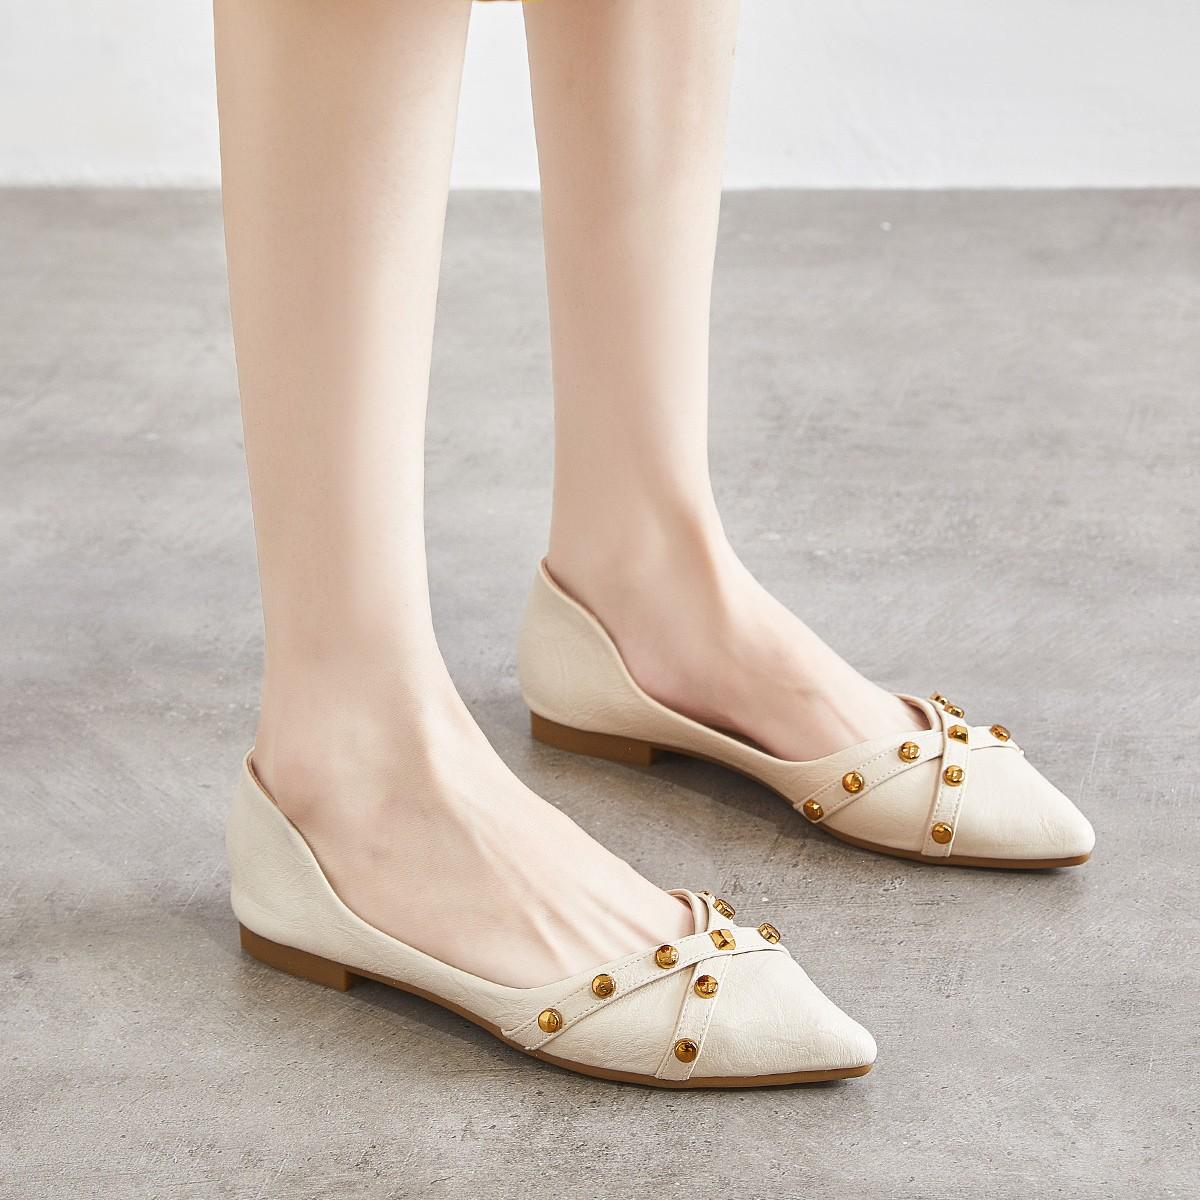 Miiow 猫人 48018420282 女士 尖头铆钉平底鞋